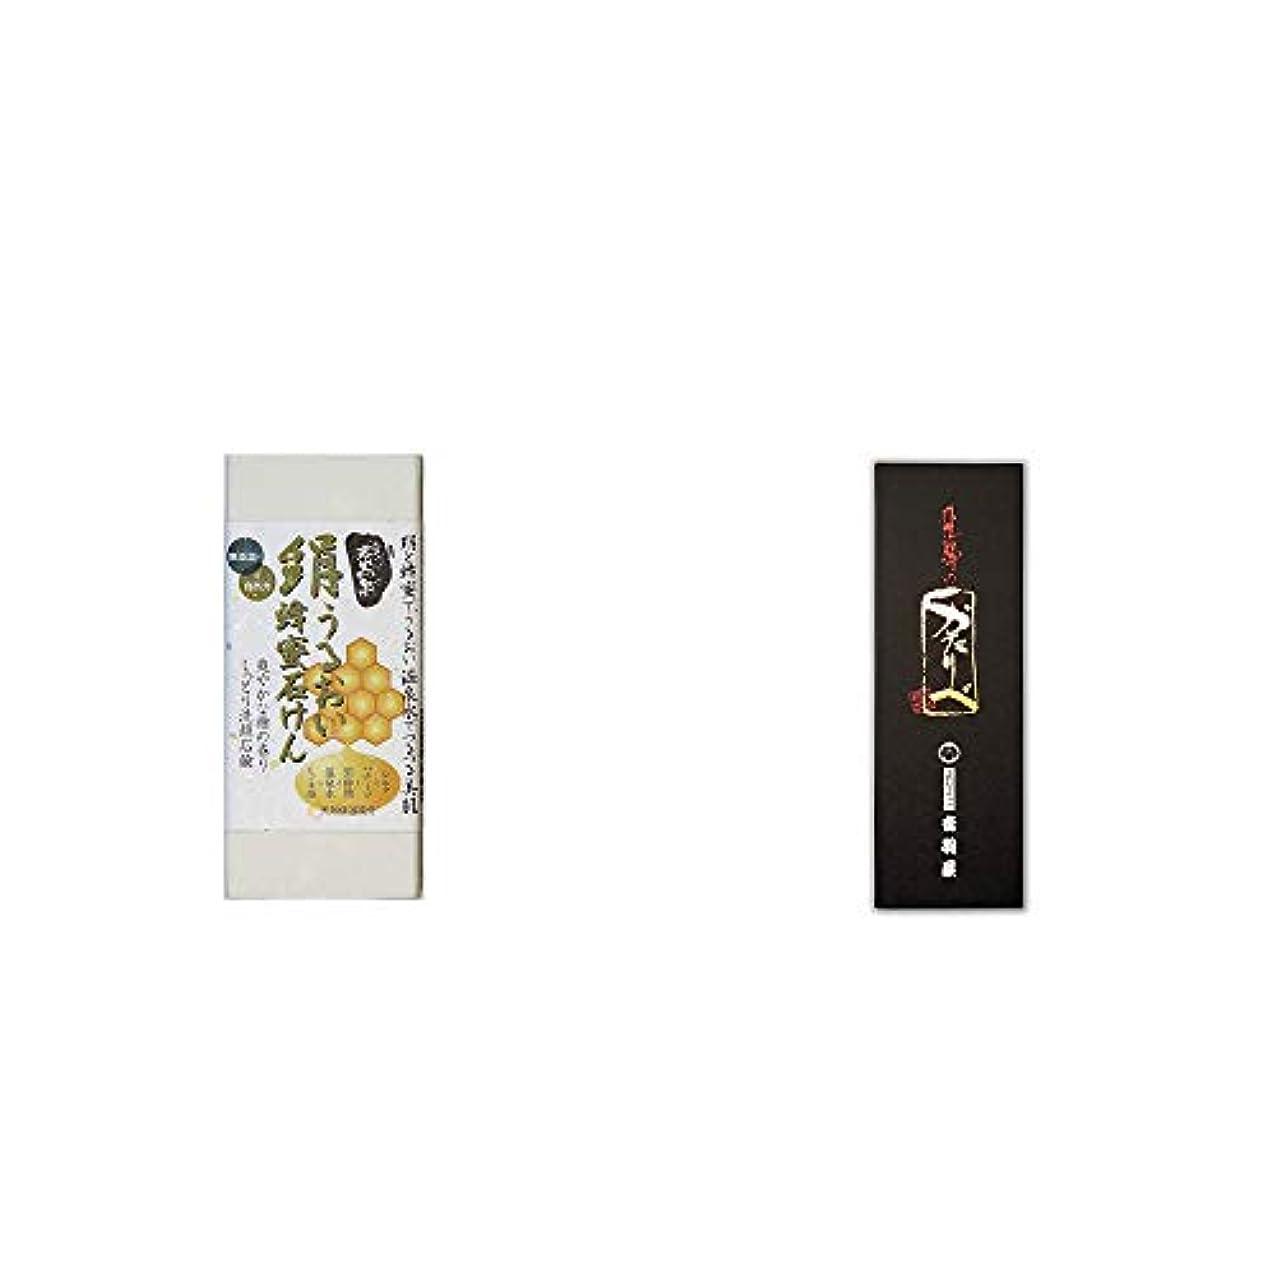 ペンフレンドウィンクかる[2点セット] ひのき炭黒泉 絹うるおい蜂蜜石けん(75g×2)?岐阜銘菓 音羽屋 飛騨のかたりべ[6個入]